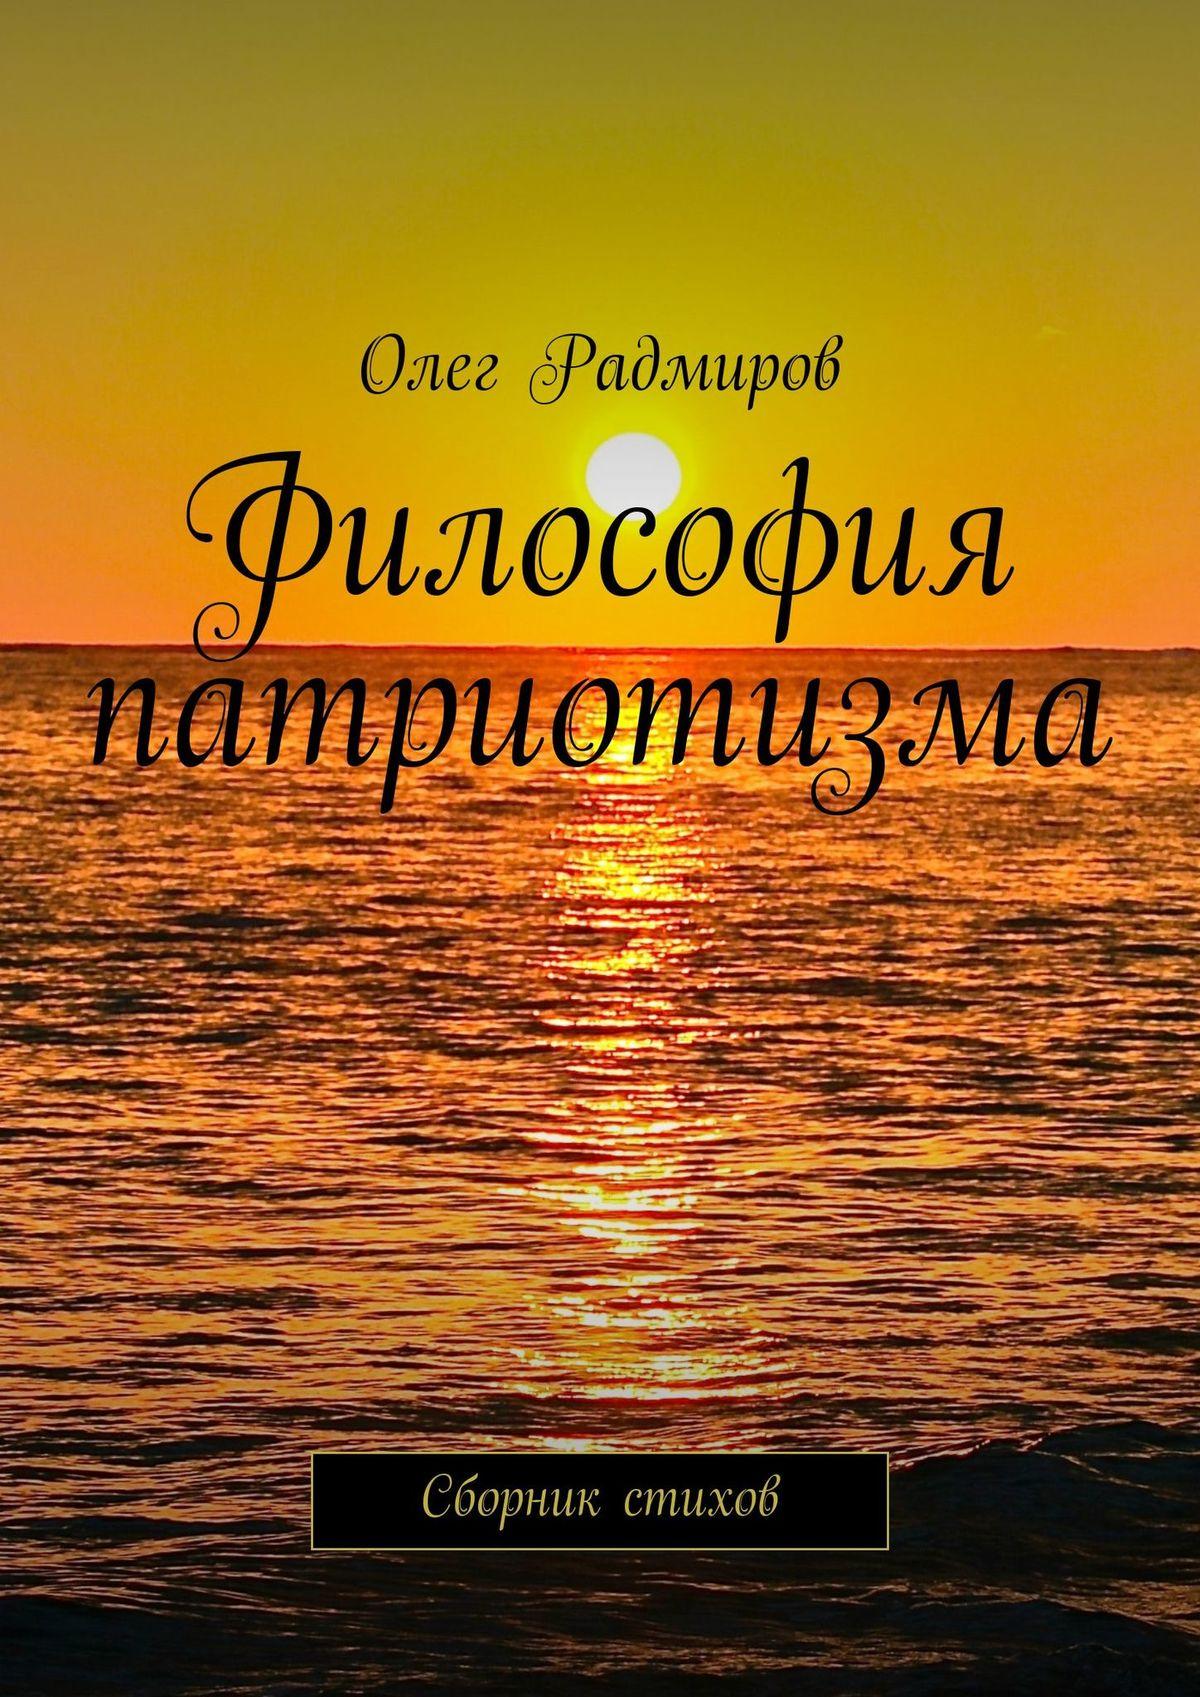 Олег Радмиров Философия патриотизма. Сборник стихов